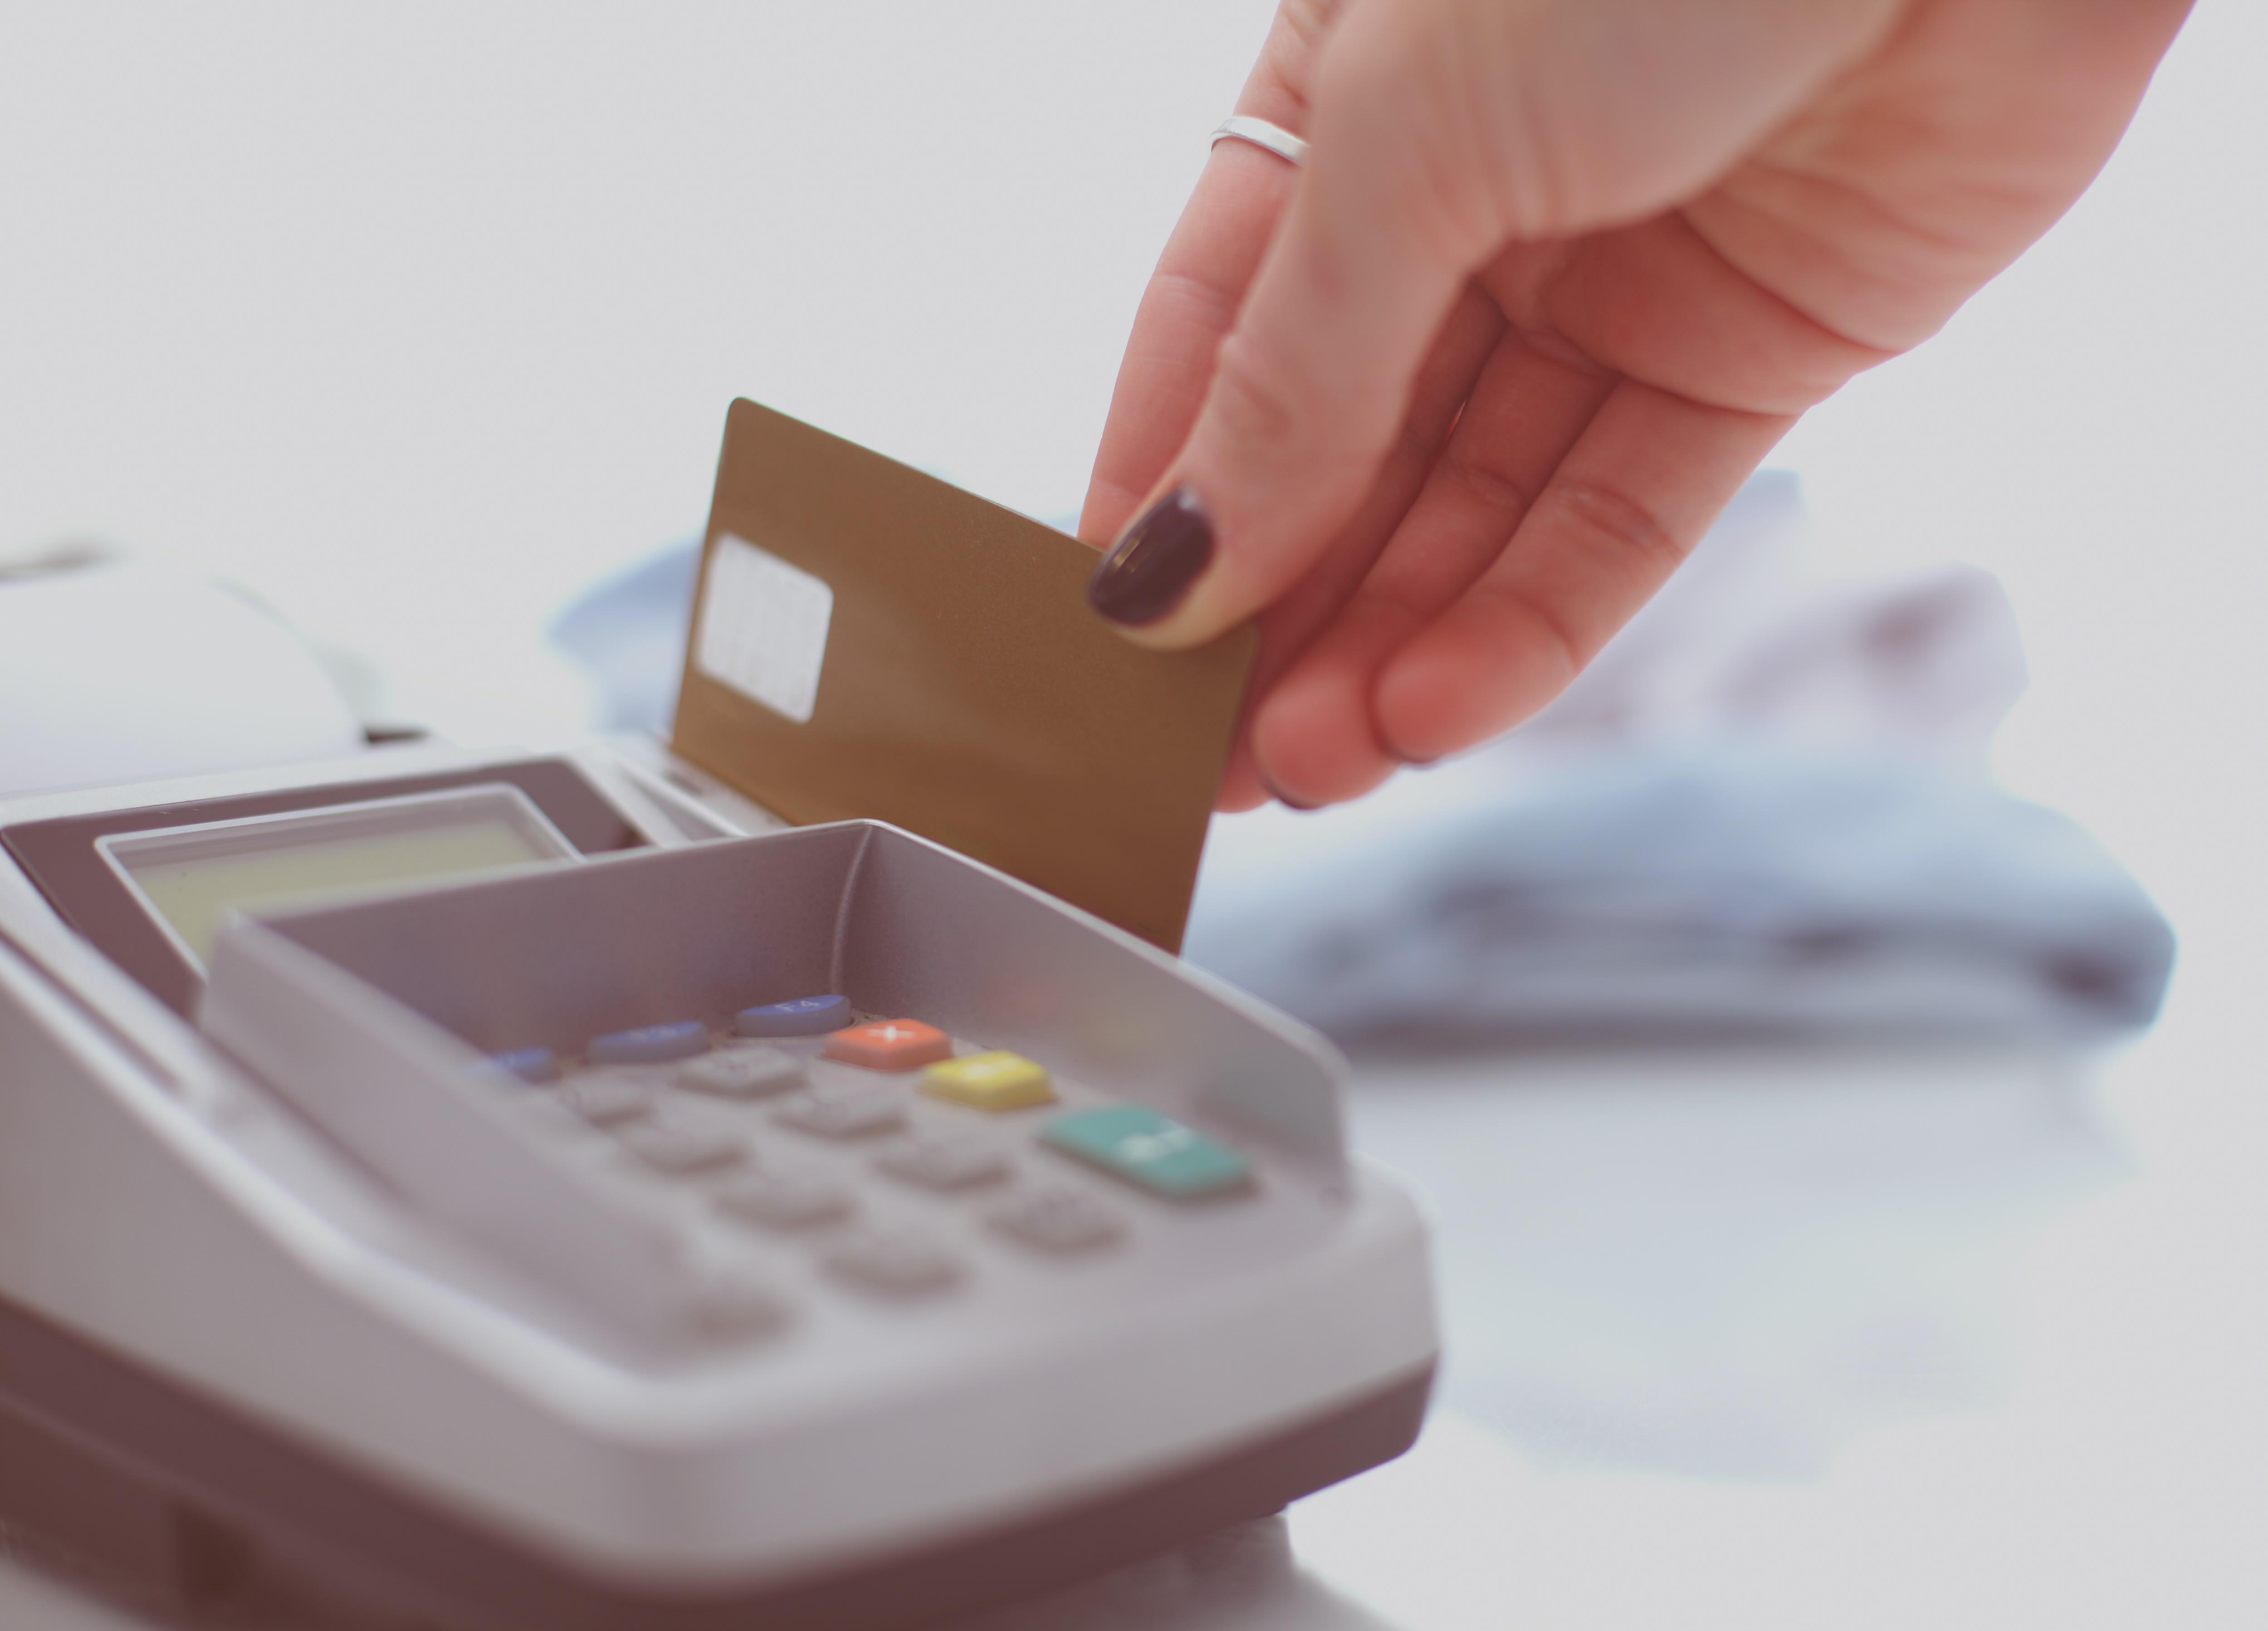 Cliente pasando la tarjeta por una terminal de pago